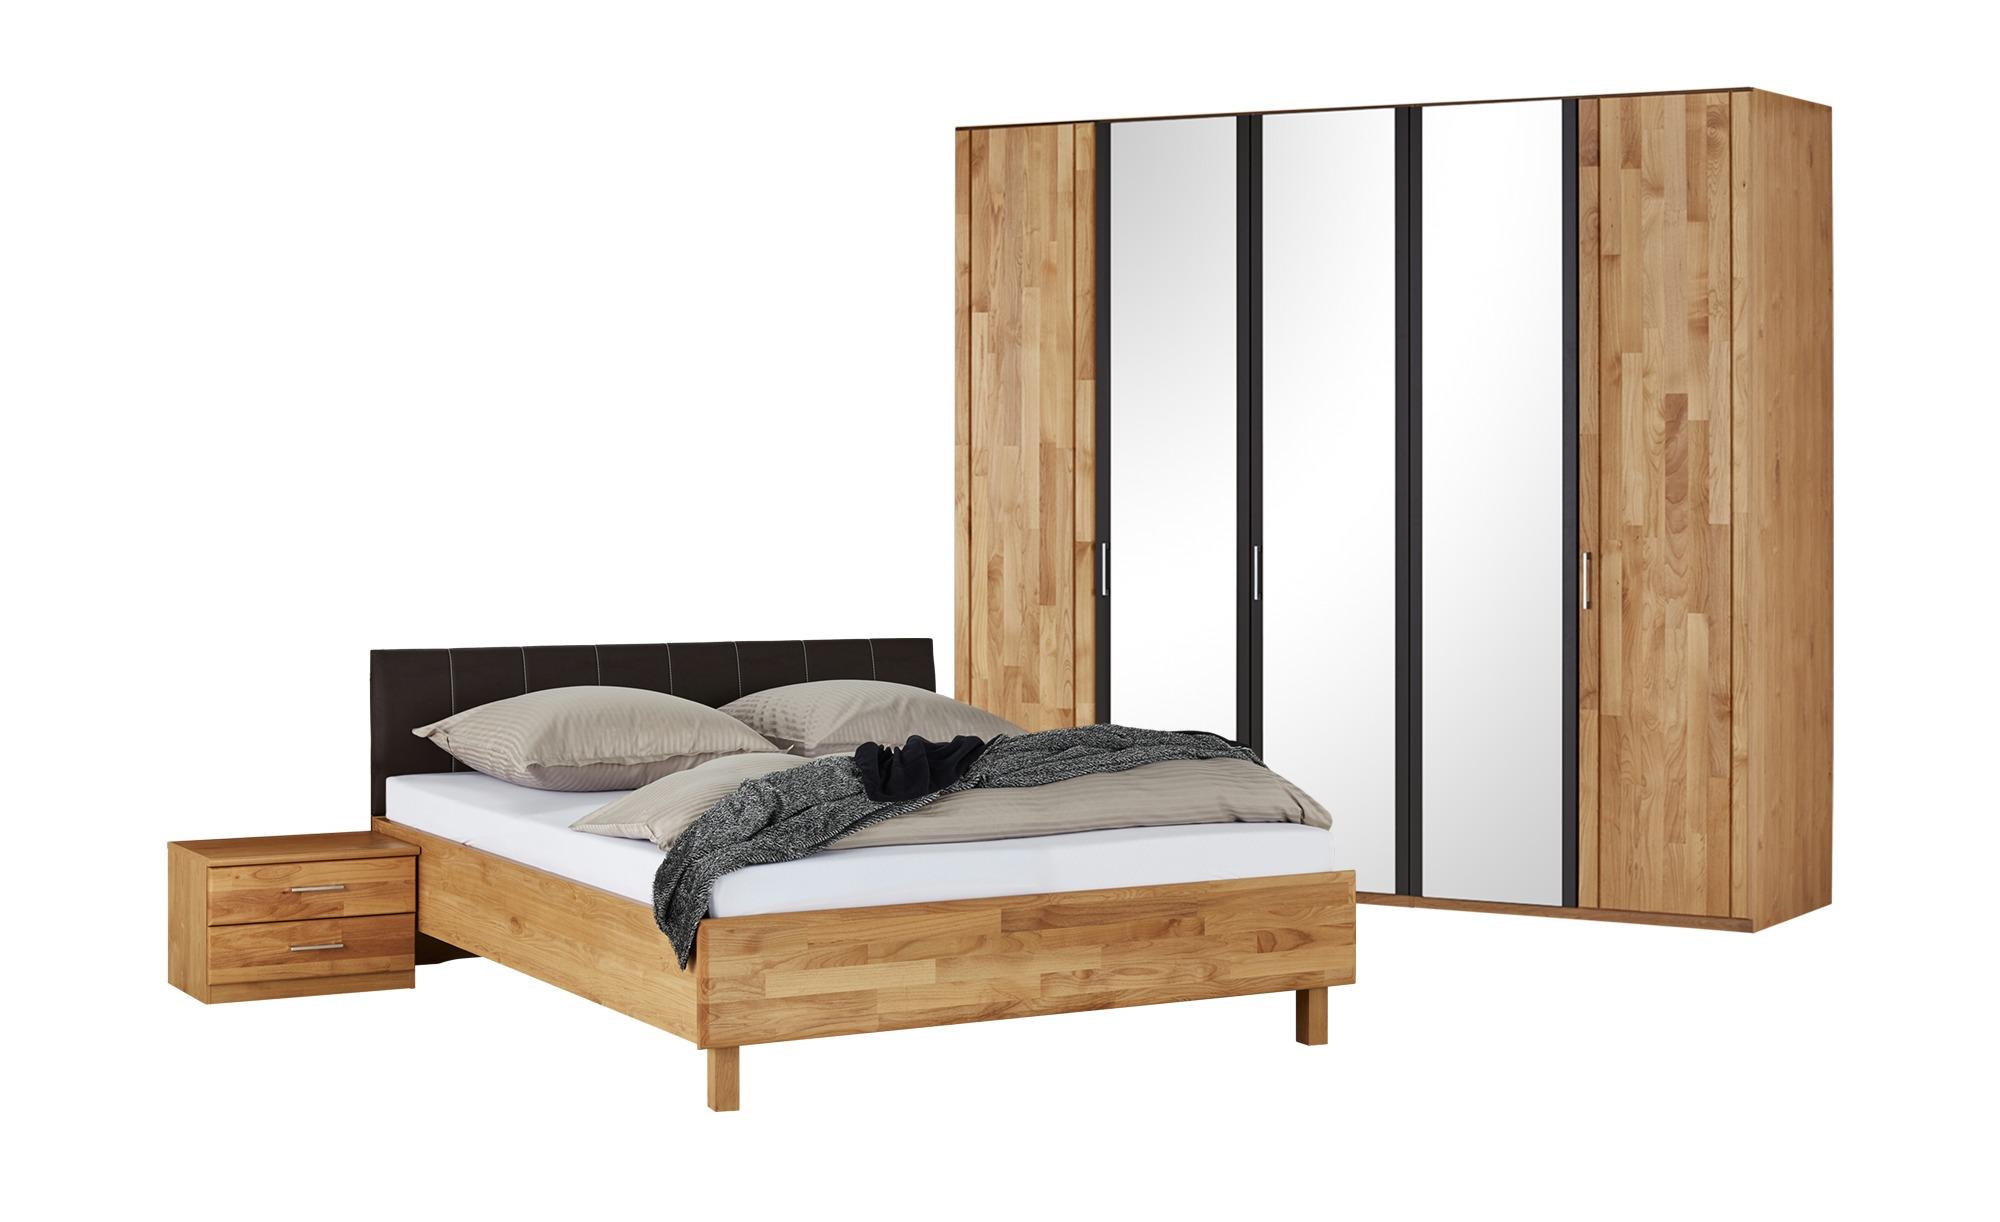 Woodford Komplettschlafzimmer 4-teilig  Orlando 2 ¦ holzfarben Komplett-Schlafzimmer - Höffner